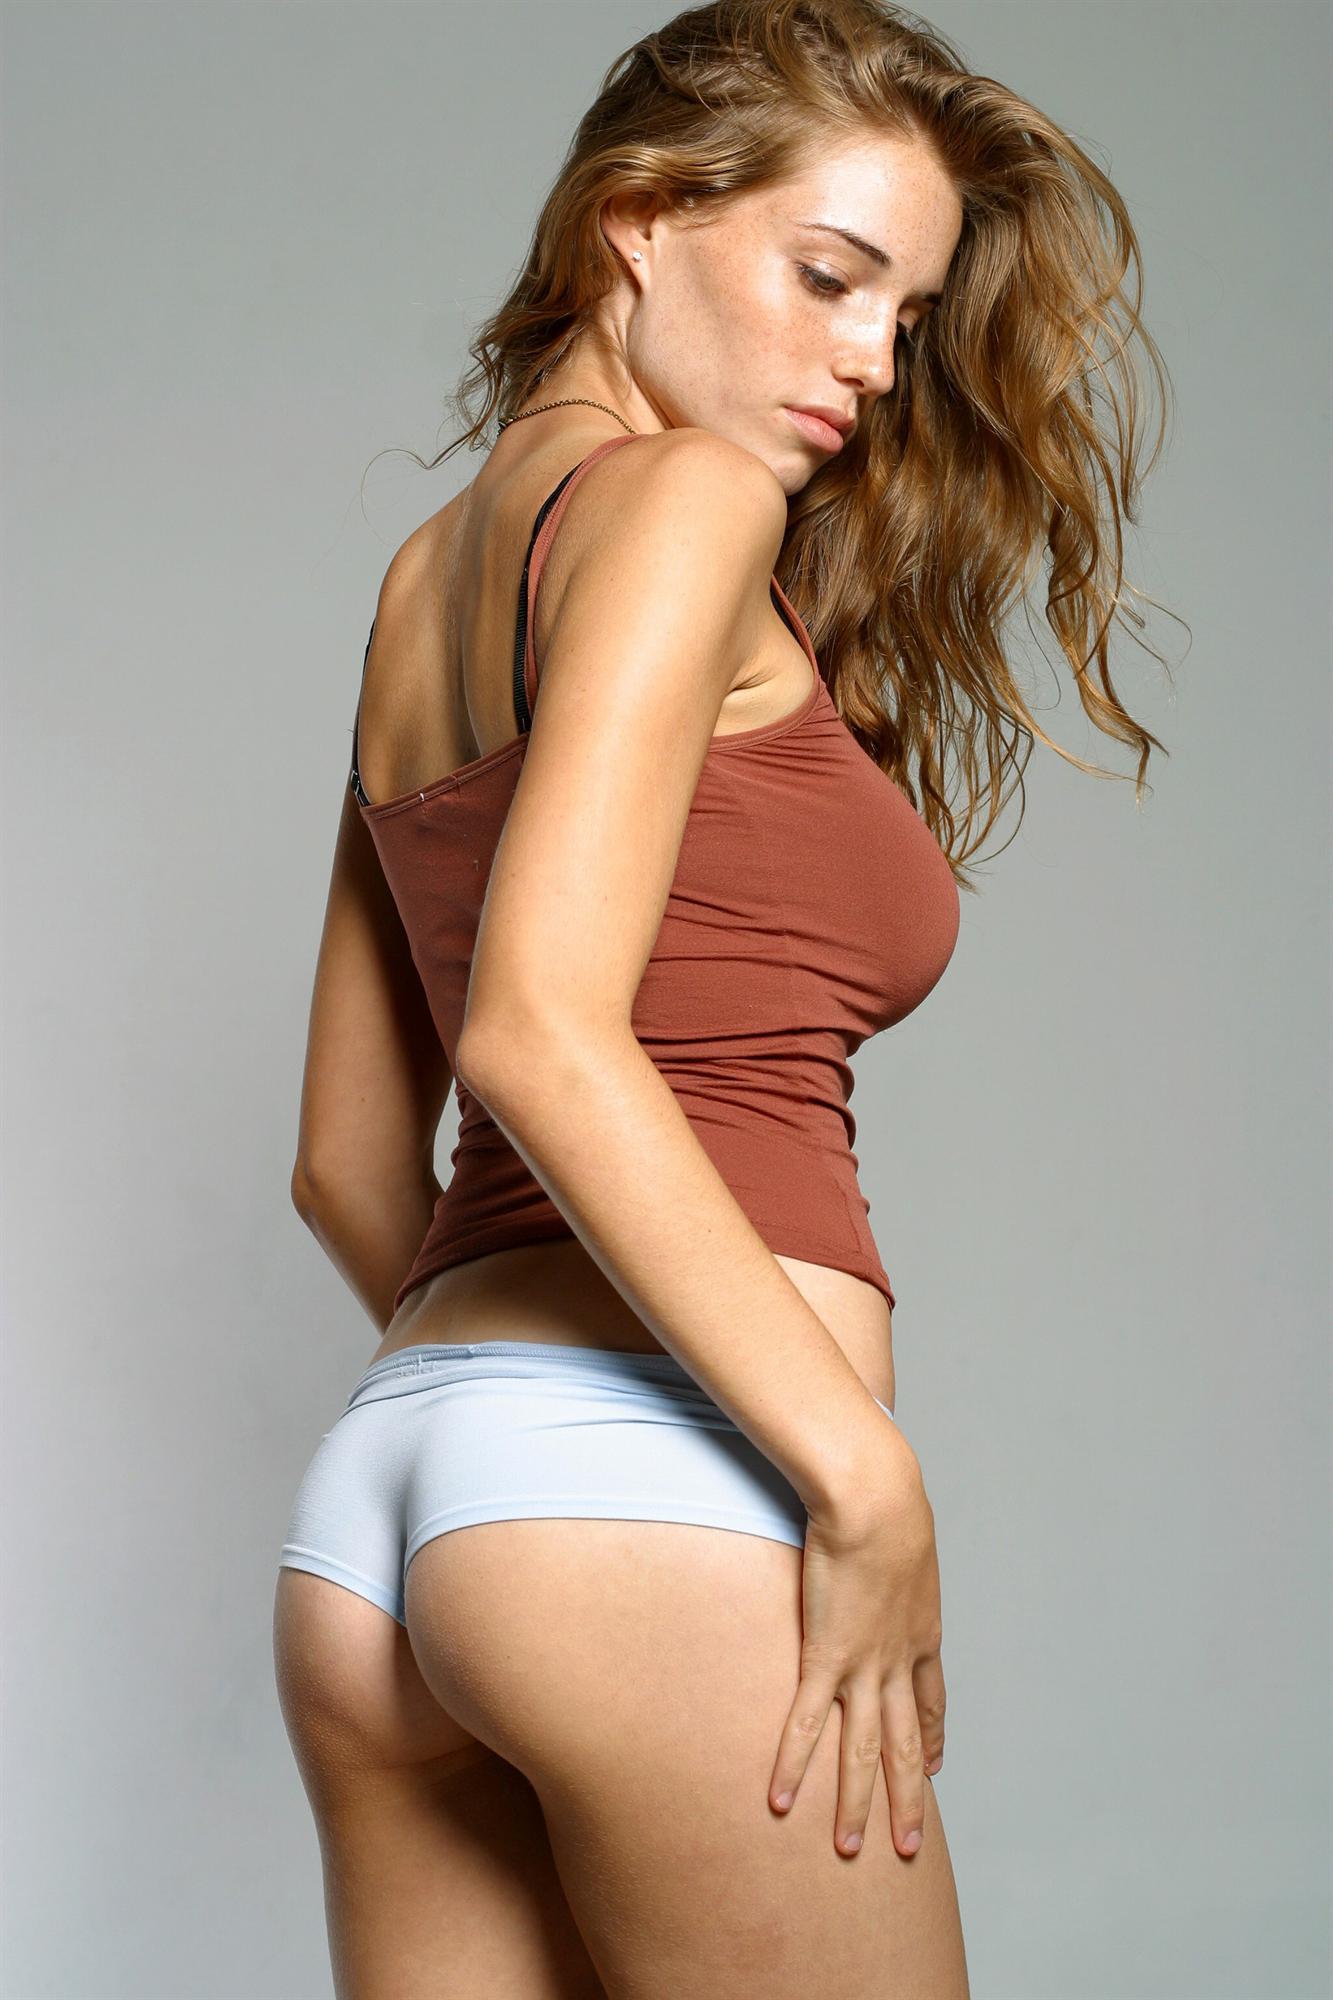 Amit Freidman in lingerie - ass